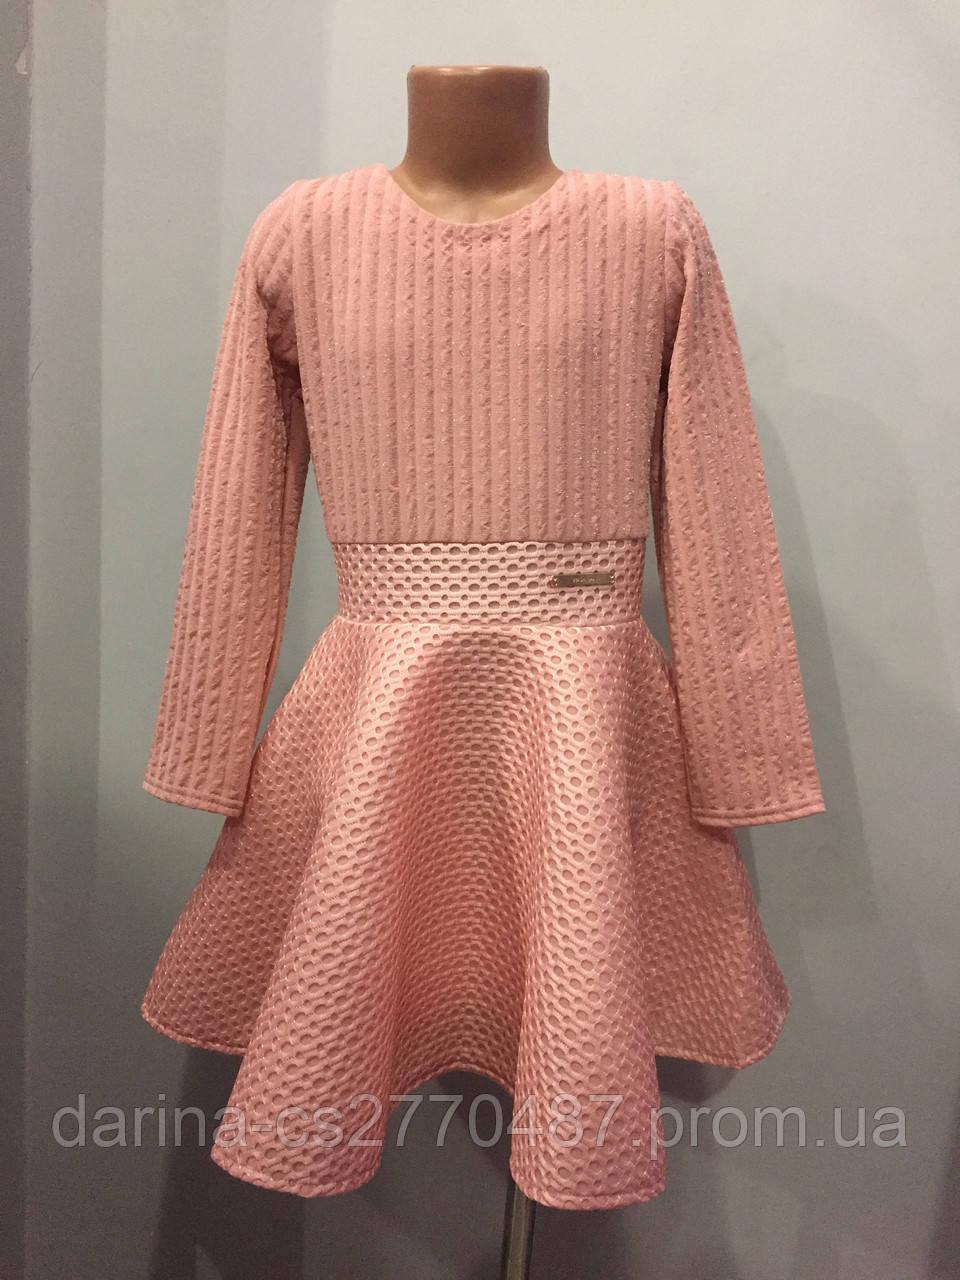 Платье для девочки с юбкой клеш 122-140 см